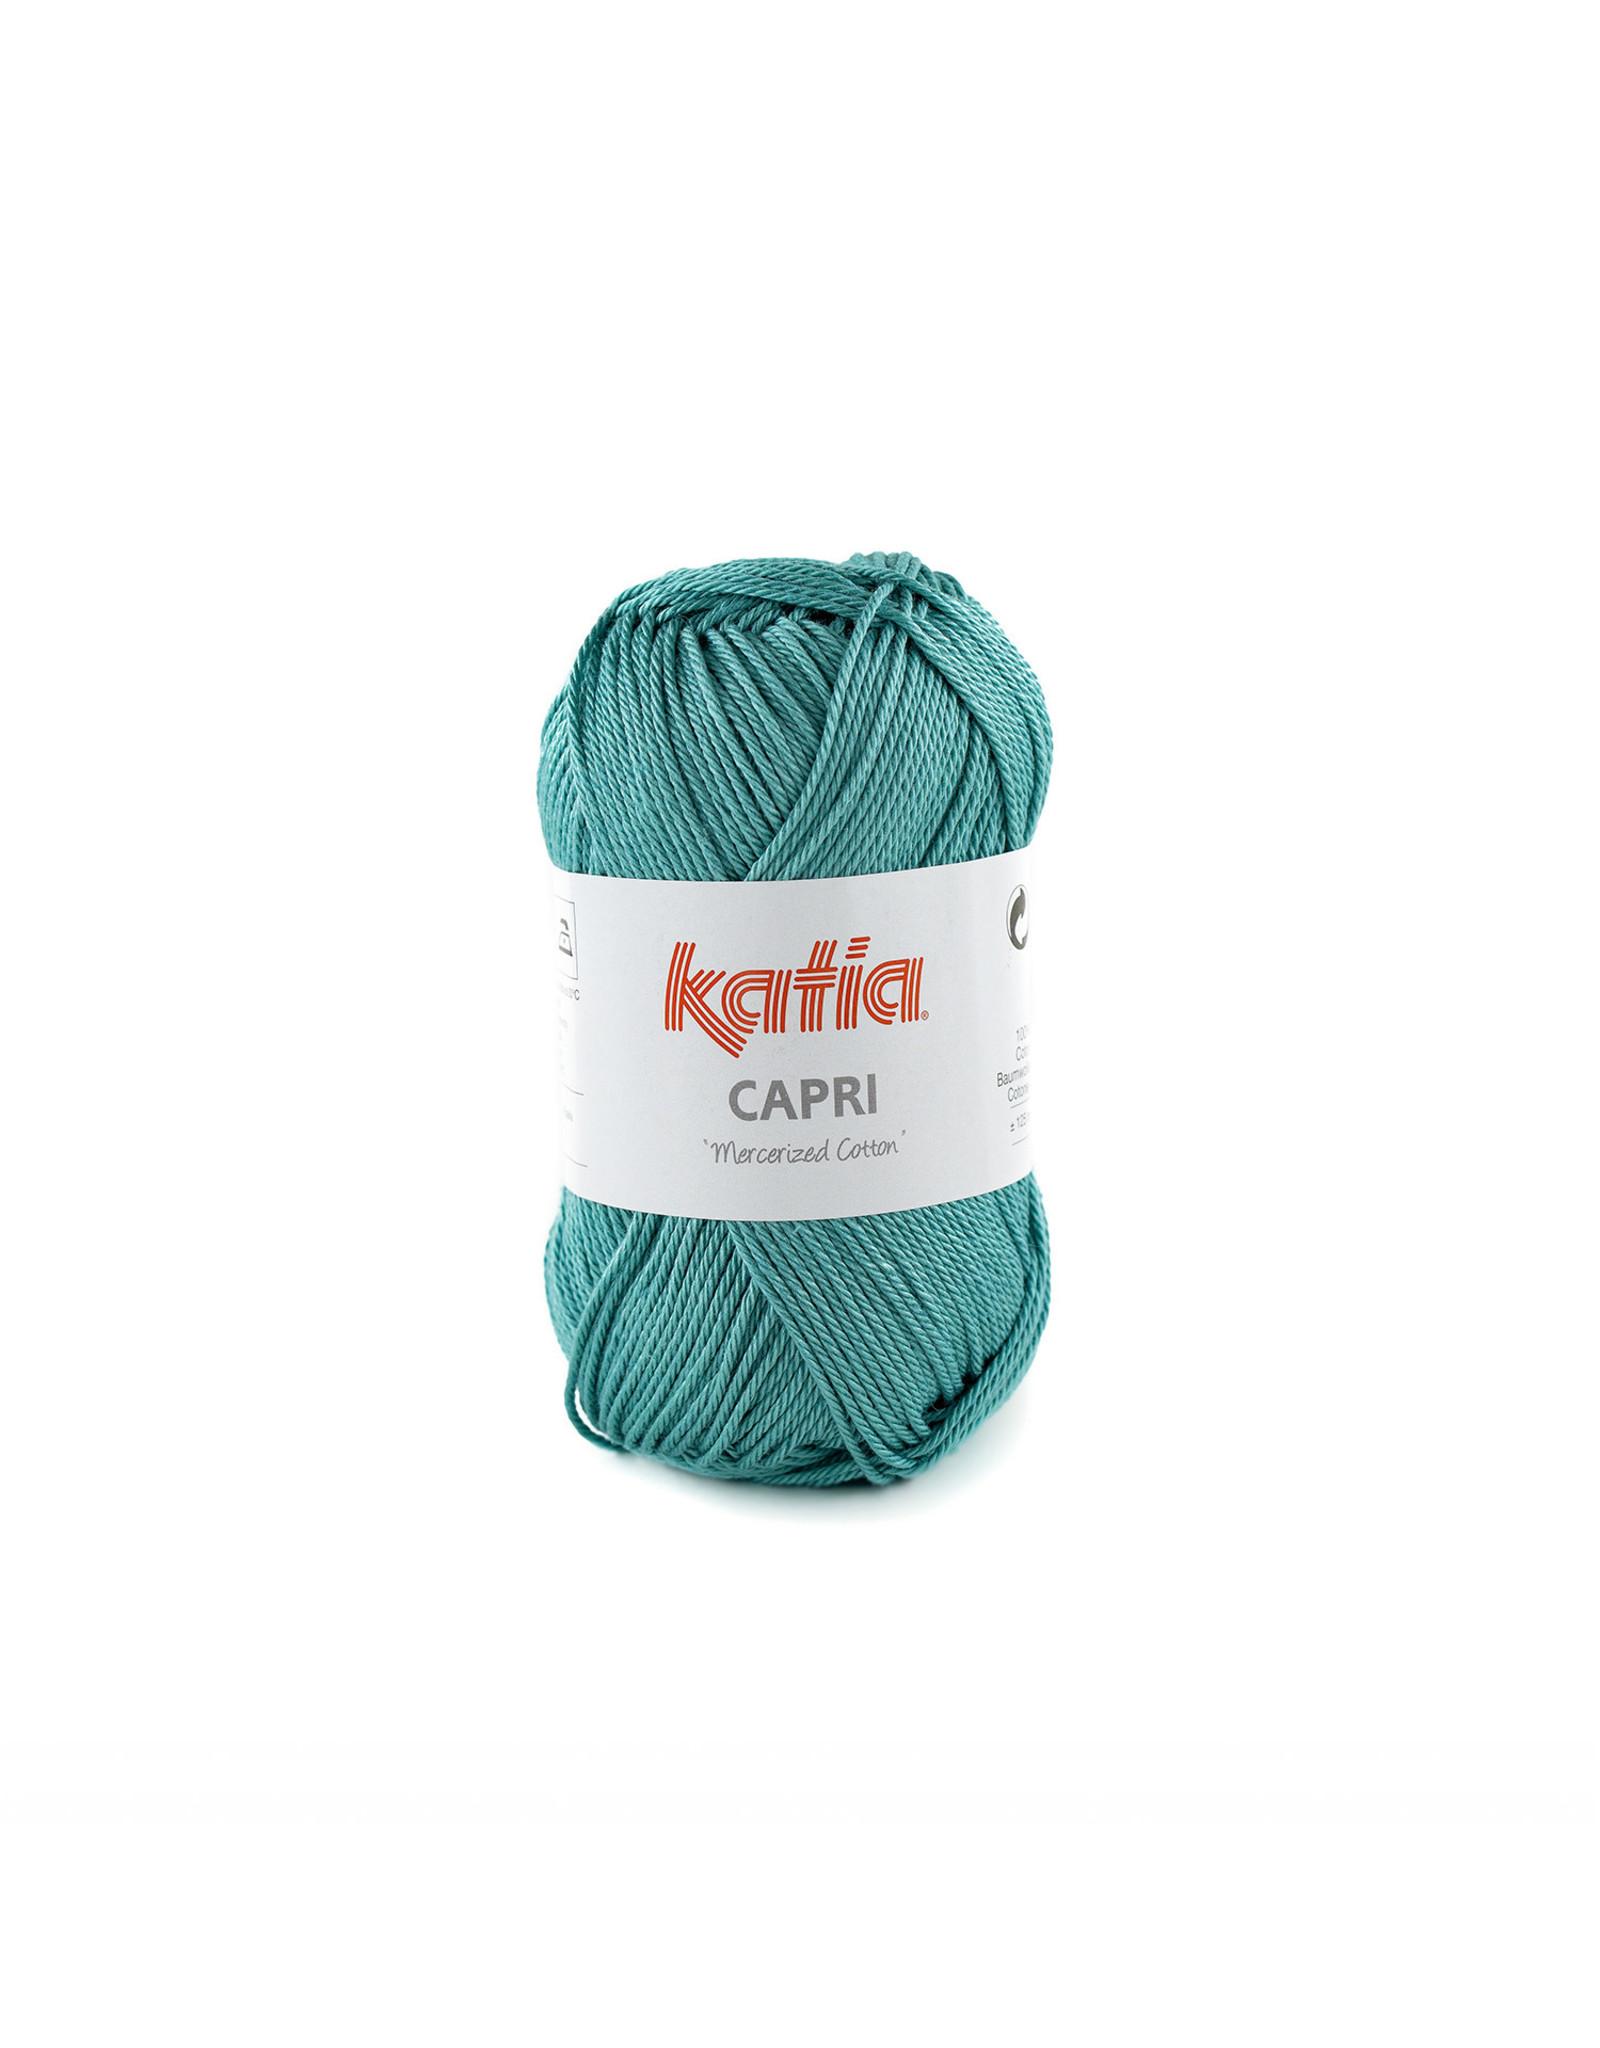 Katia Katia Capri - kleur 173 Turkooisblauw - bundel 5 x 50 gr. / 125 m. - 100% katoen